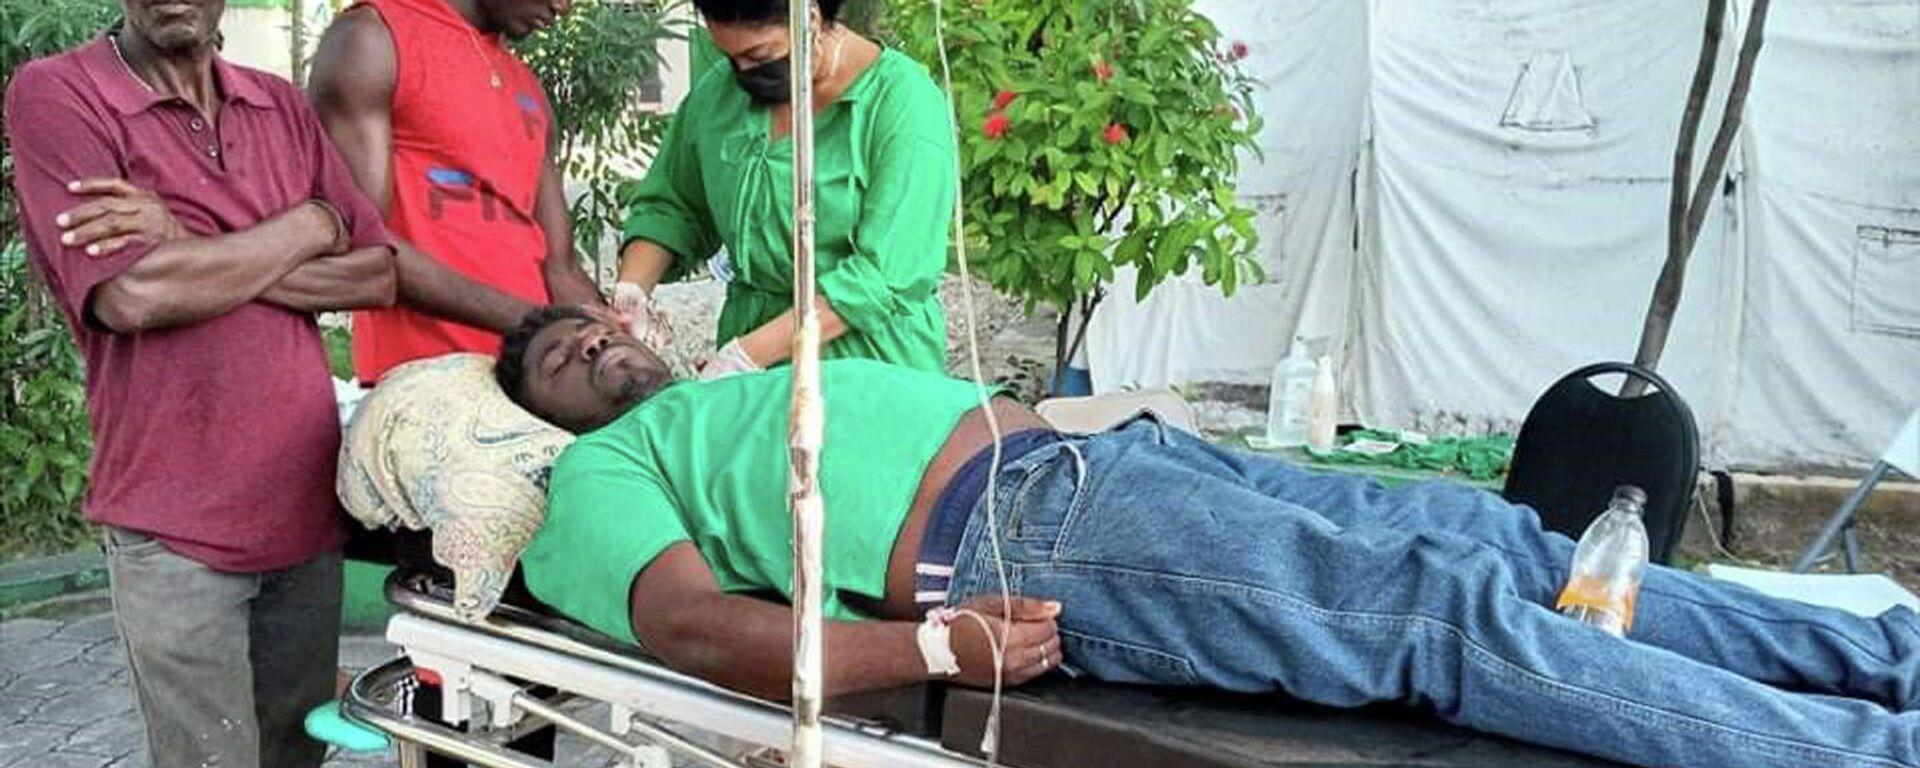 Brigada médica cubana en Haití brinda atención de primeros auxilios a damnificados por terremoto - Sputnik Mundo, 1920, 15.08.2021